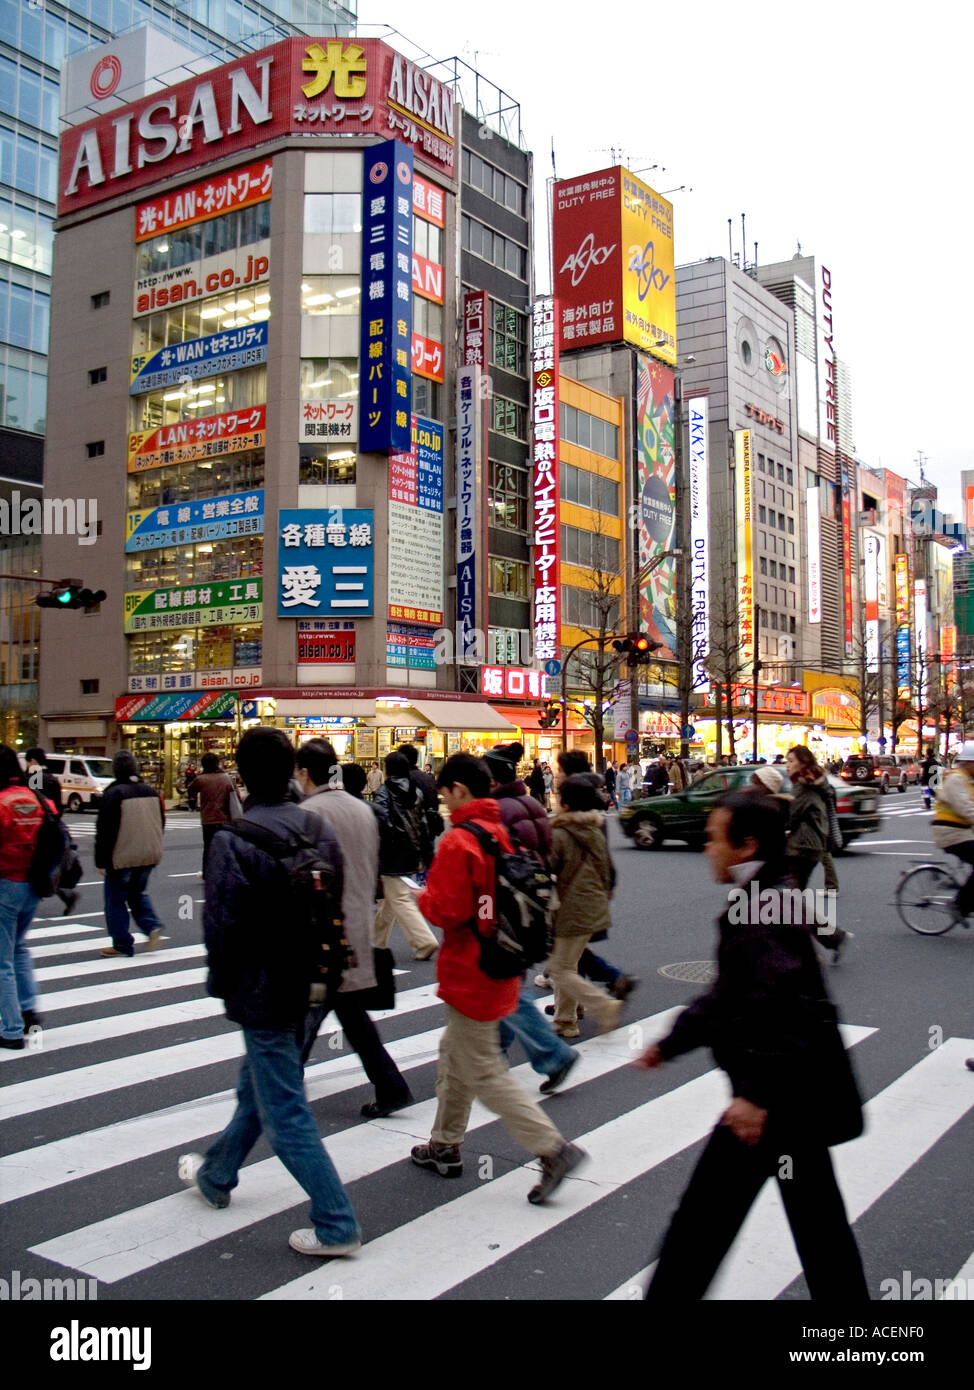 Los compradores cruzando la calle principal en Tokio s Consumer electronics barrio Akihabara. Foto de stock